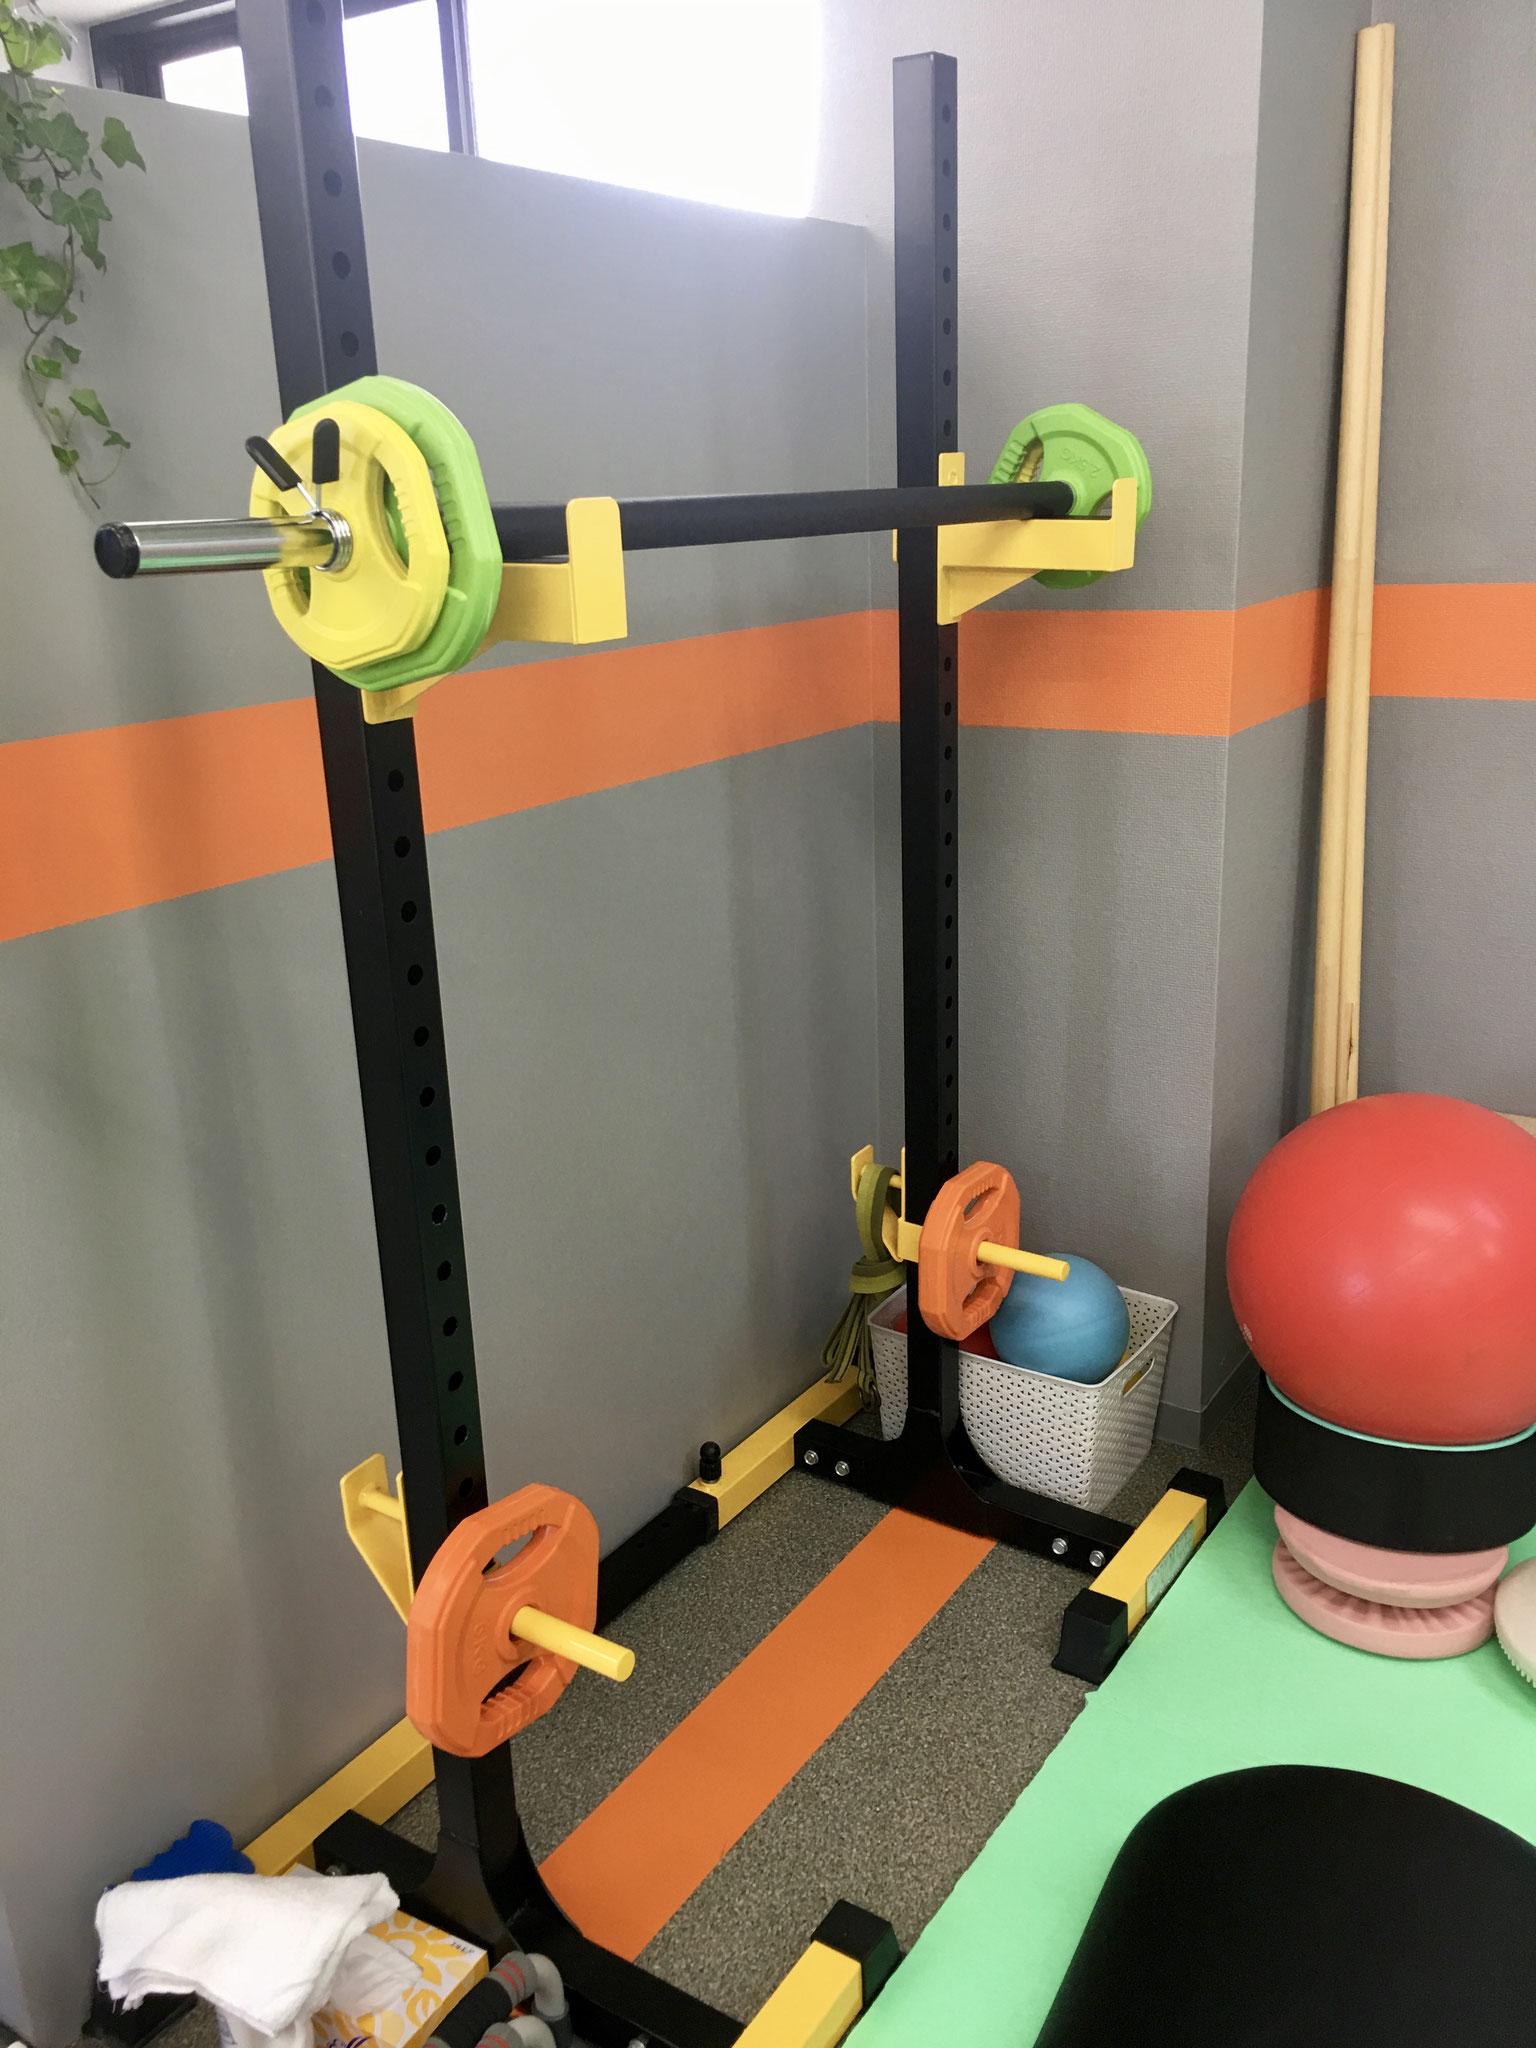 バーベルです。負荷をかけて運動することで筋力強化を図ります。